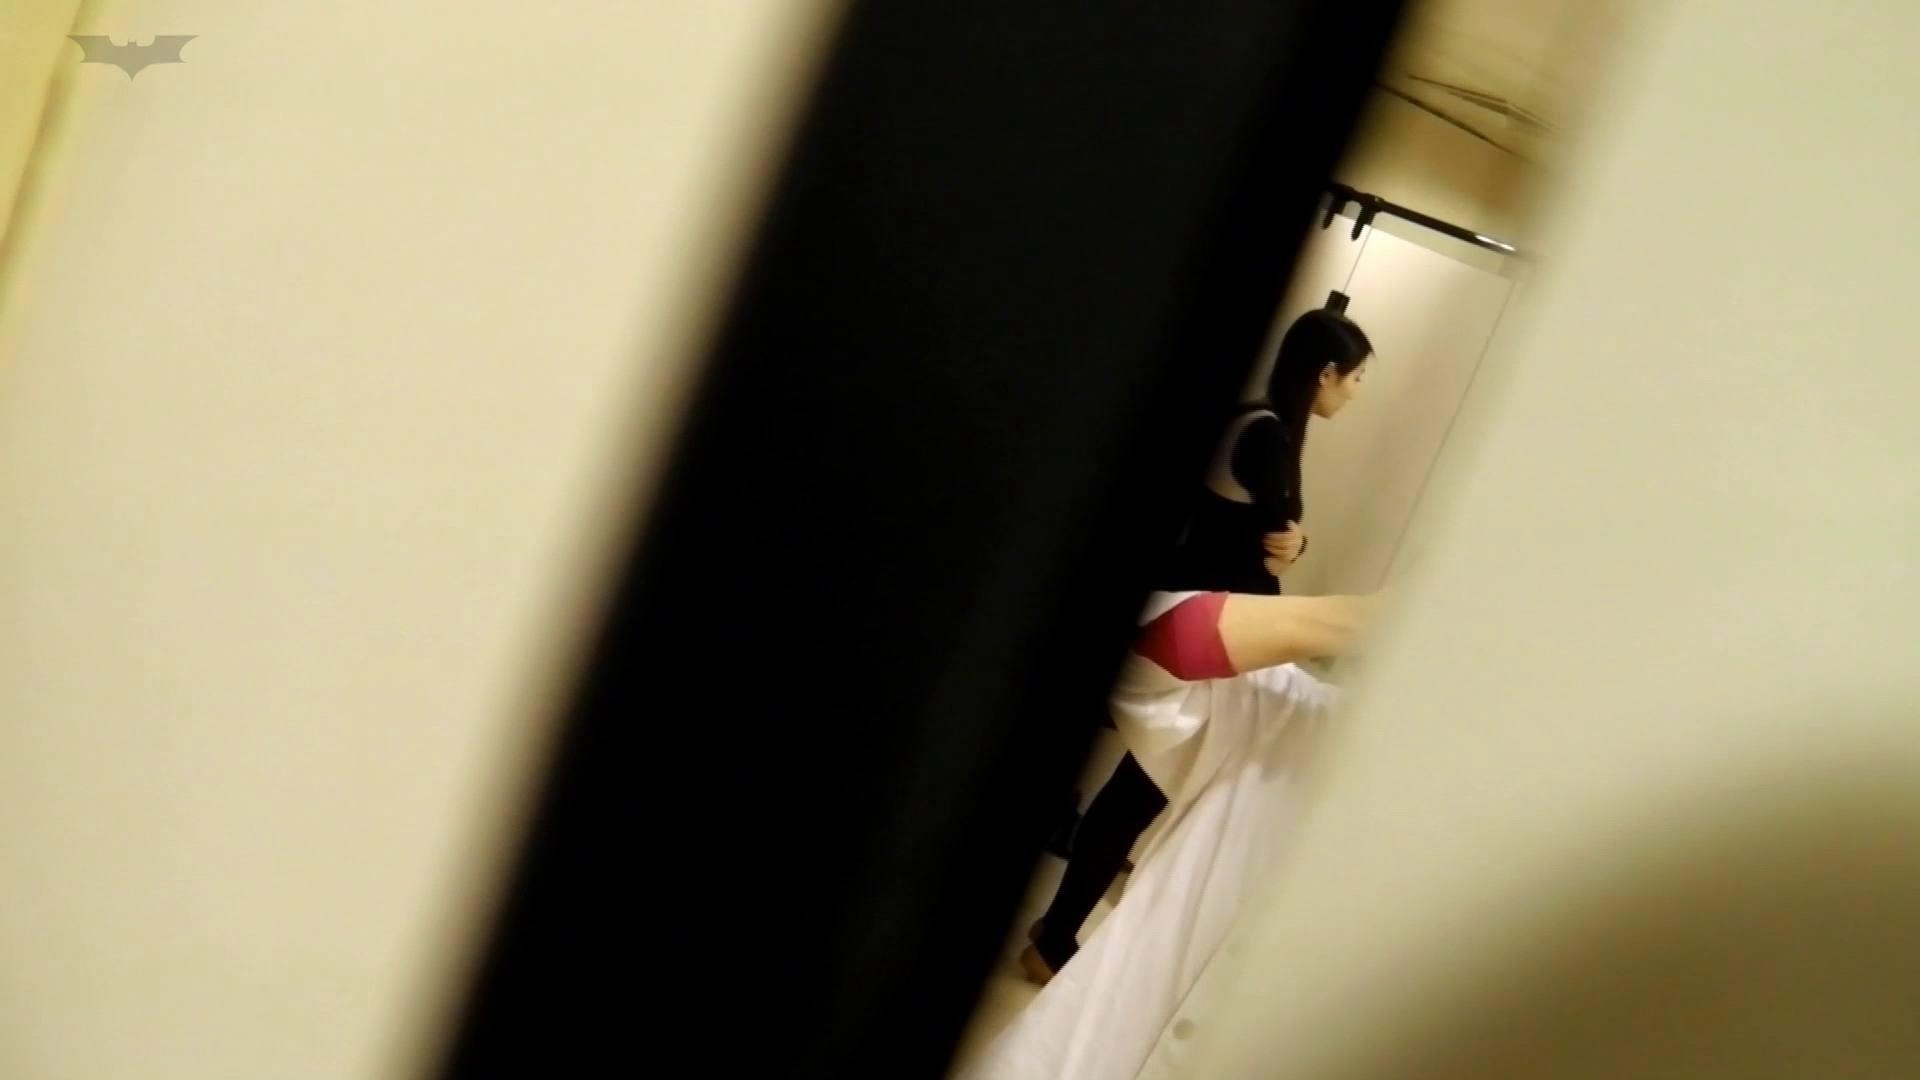 新世界の射窓 No78 トリンドル 玲奈似登場シリーズ美女率最高作! 高画質  89PIX 77